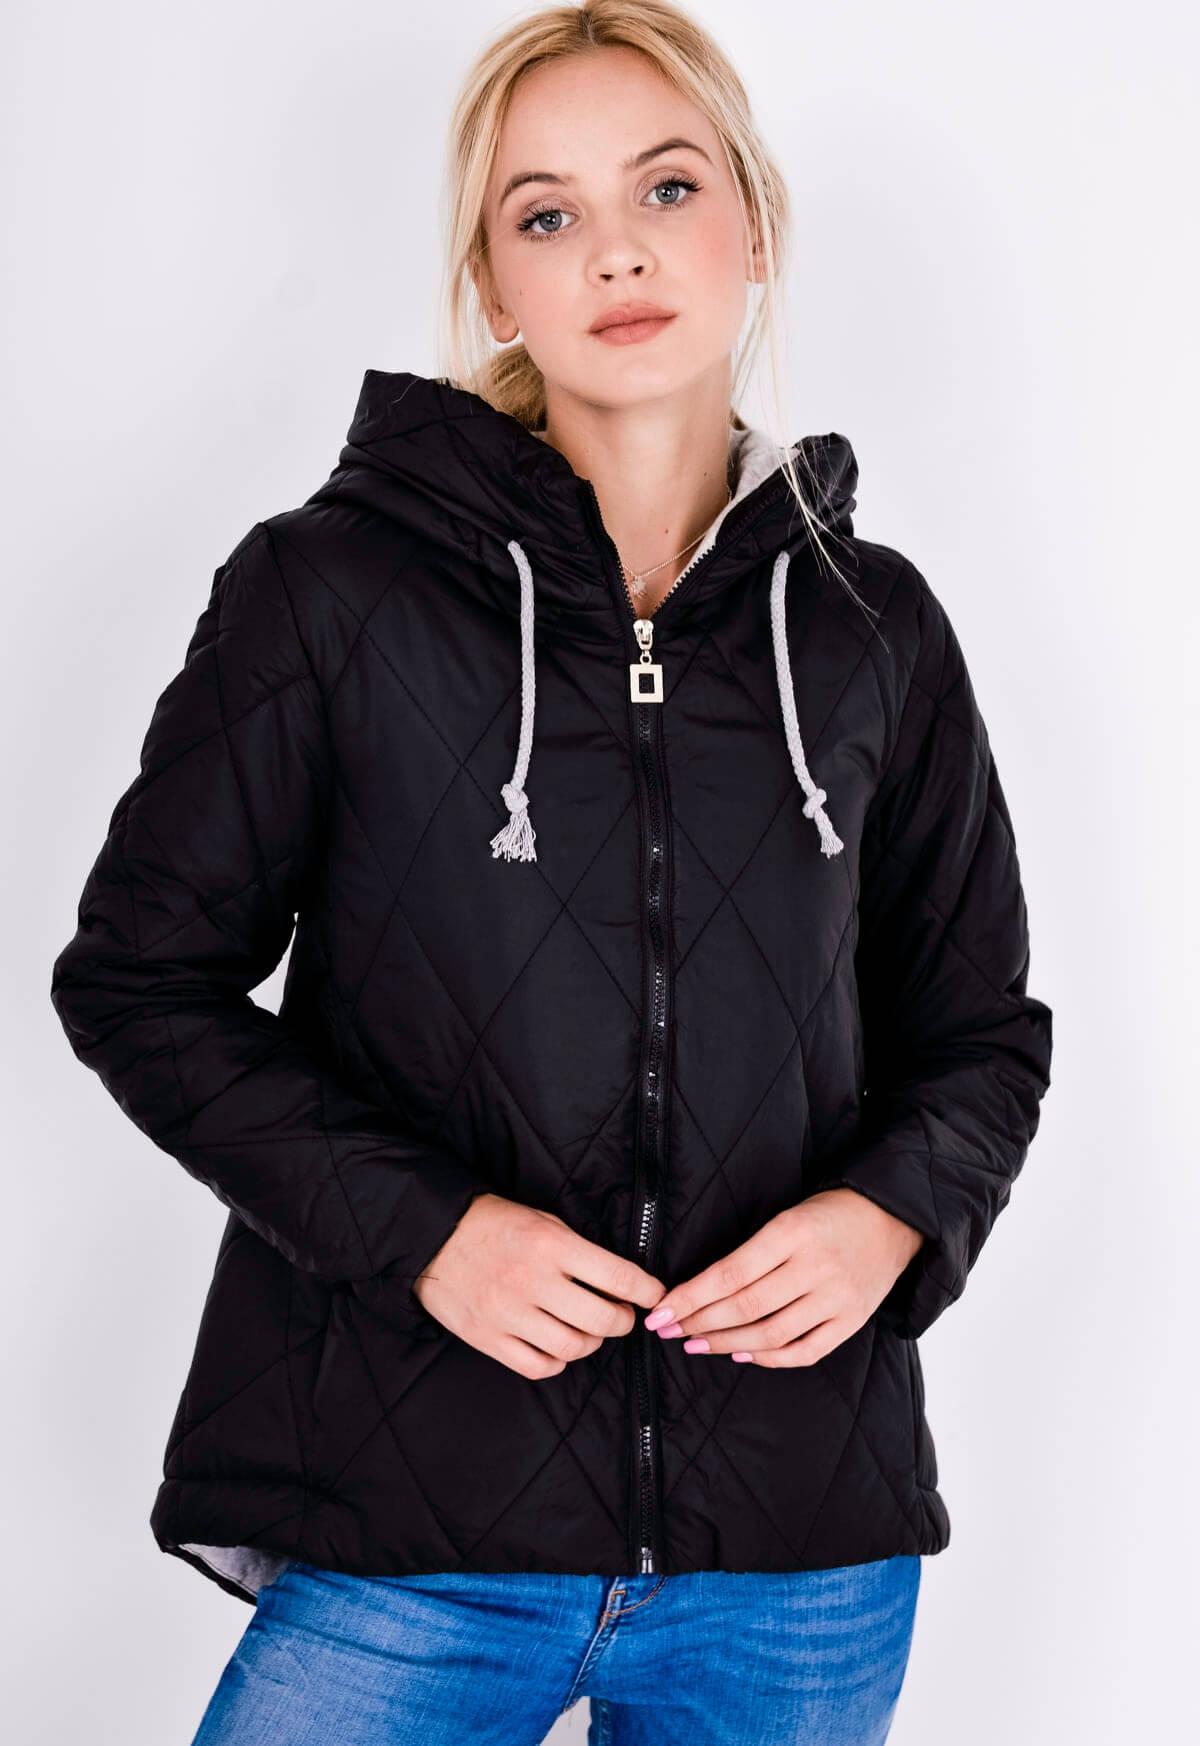 Dámská prošívaná bunda s kapucí, zip, barvy - Tmavě šedá/XL/XXL